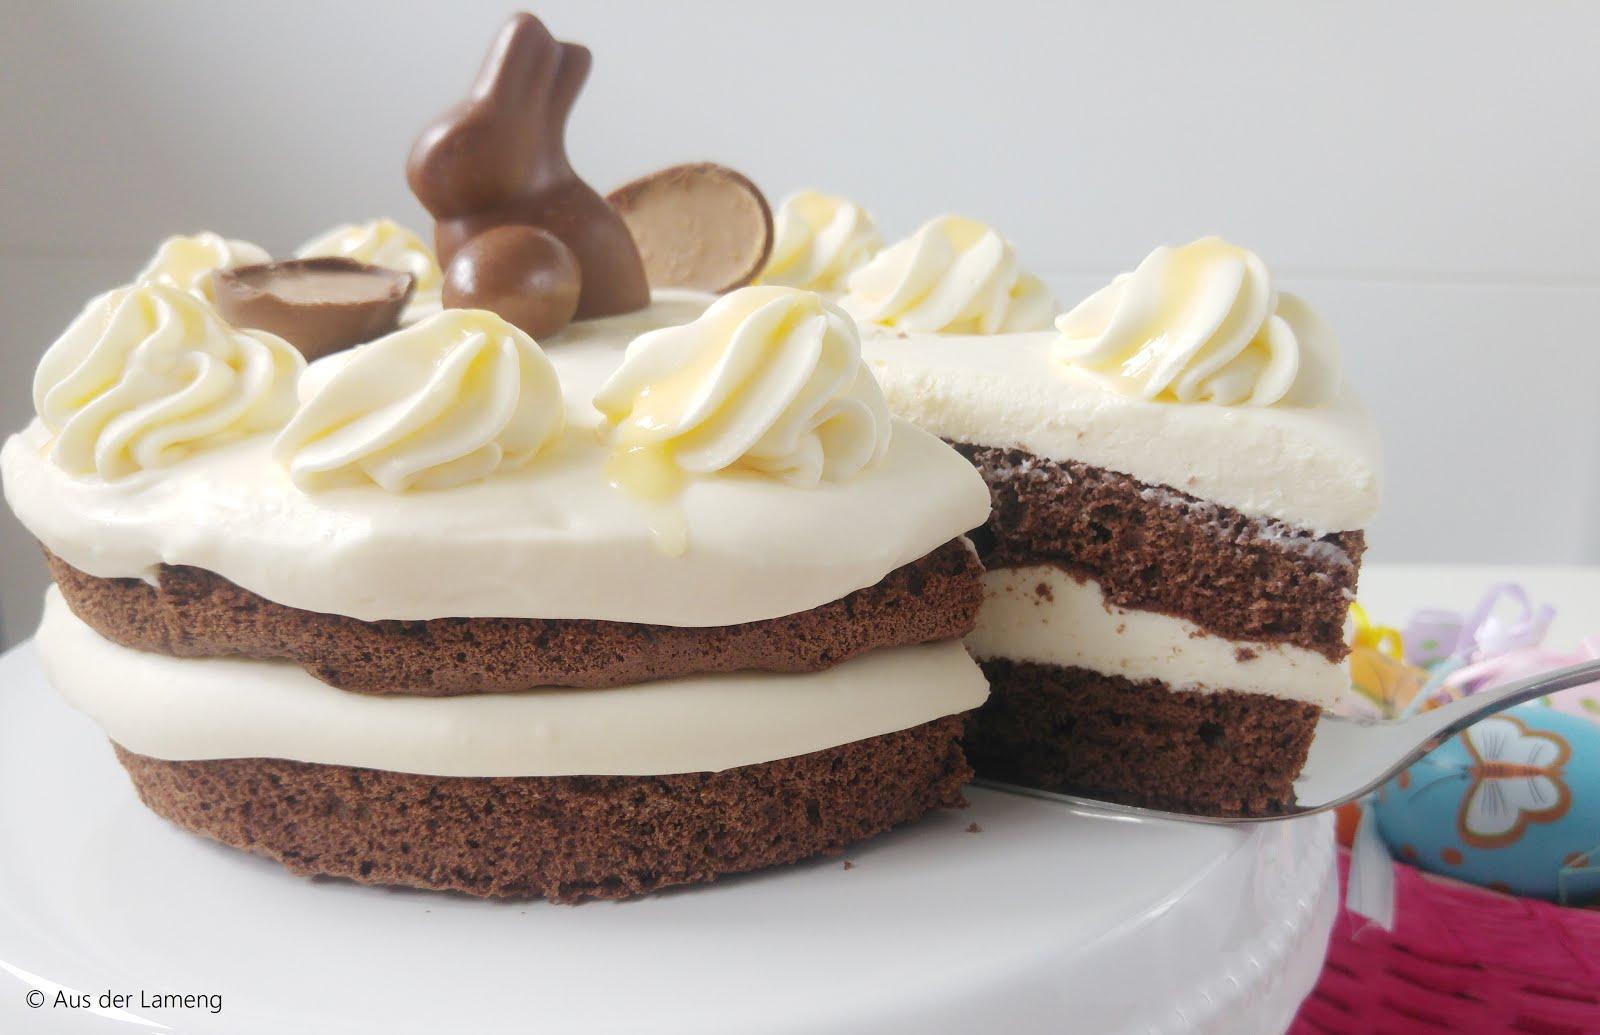 Süßer Schoko-Naked-Cake mit Eierlikör-Sahne | Gastbeitrag von Aus der Lameng | Osterkooperation mit Gewinnspiel | Sugarprincess 2019